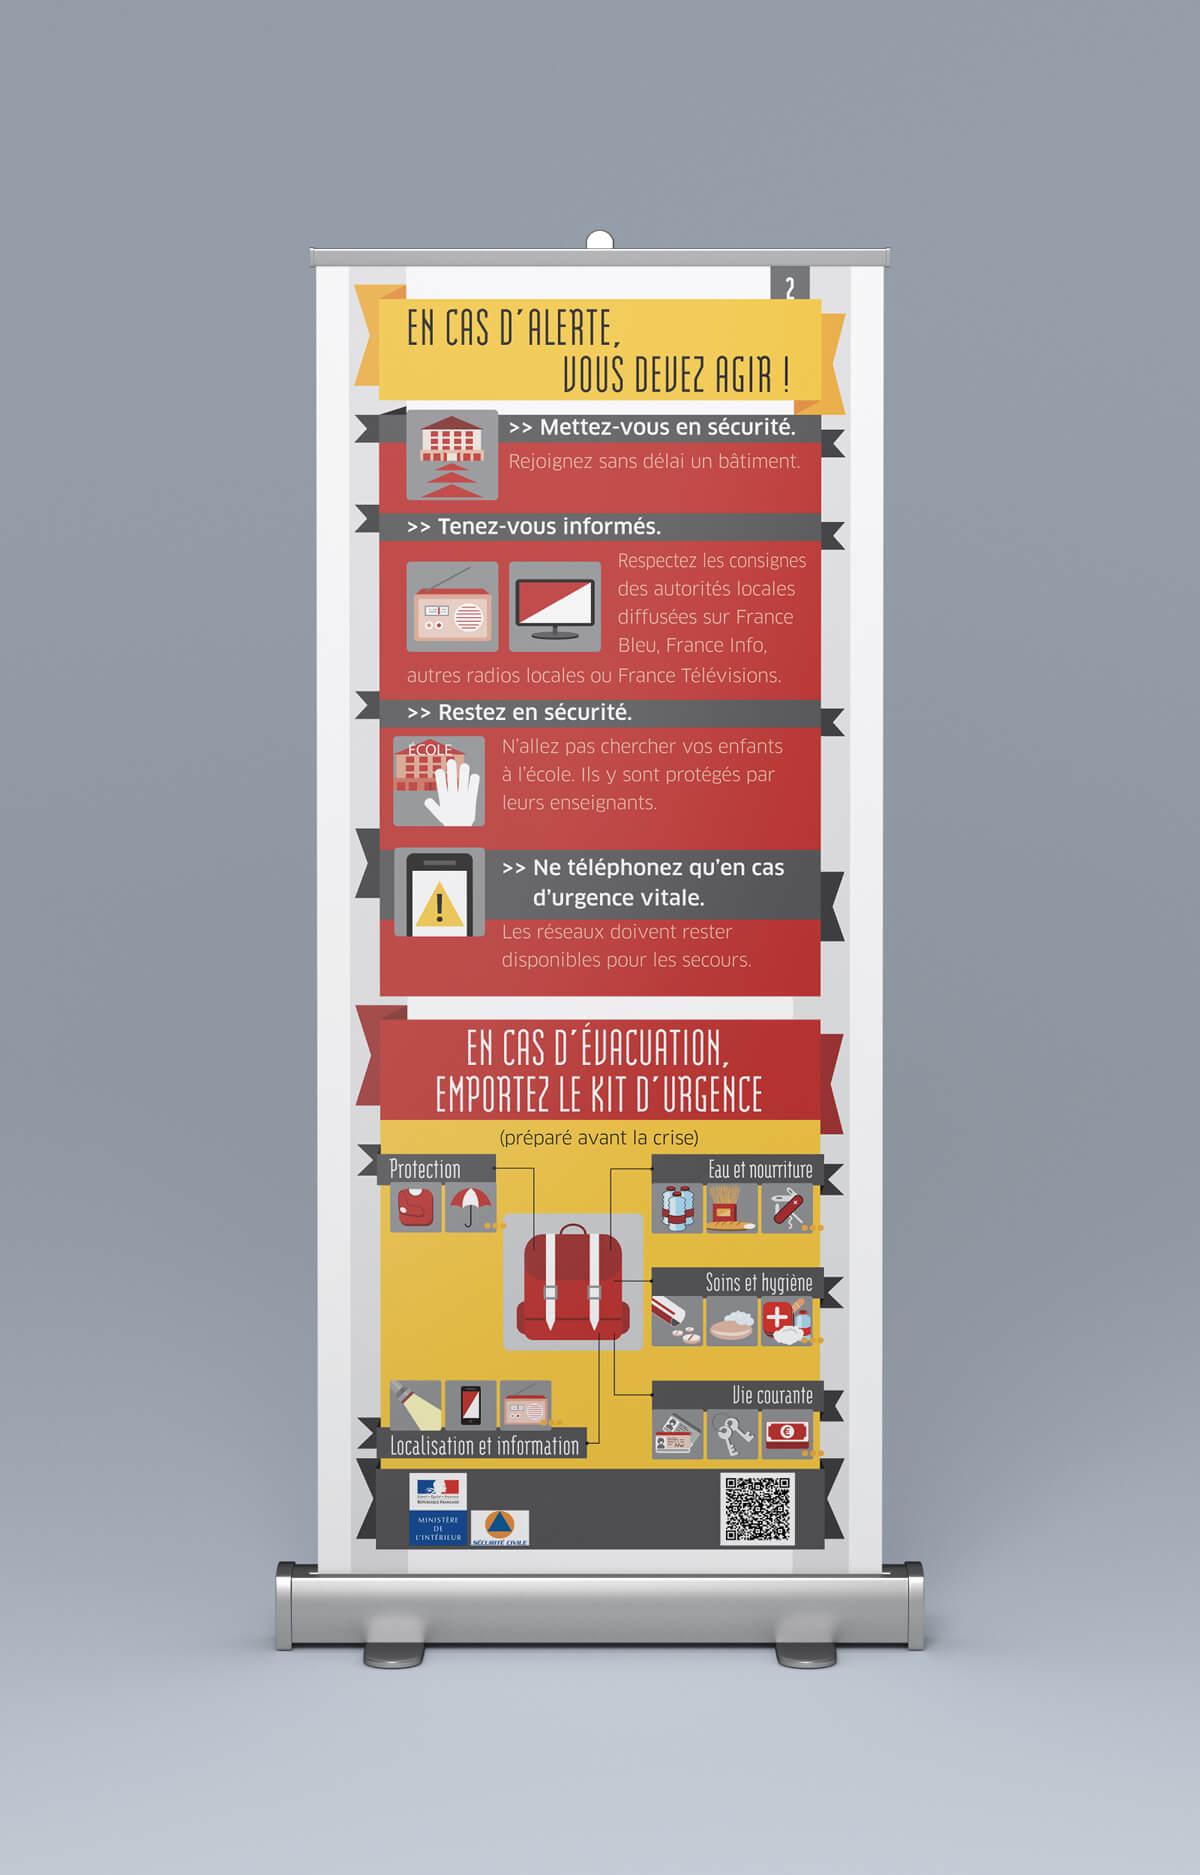 """DGSCGC (Direction Générale de la Sécurité Civile et de la Gestion des Crises) - Roll up """"Agir en cas d'alerte"""" - Mise en page et illustrations"""